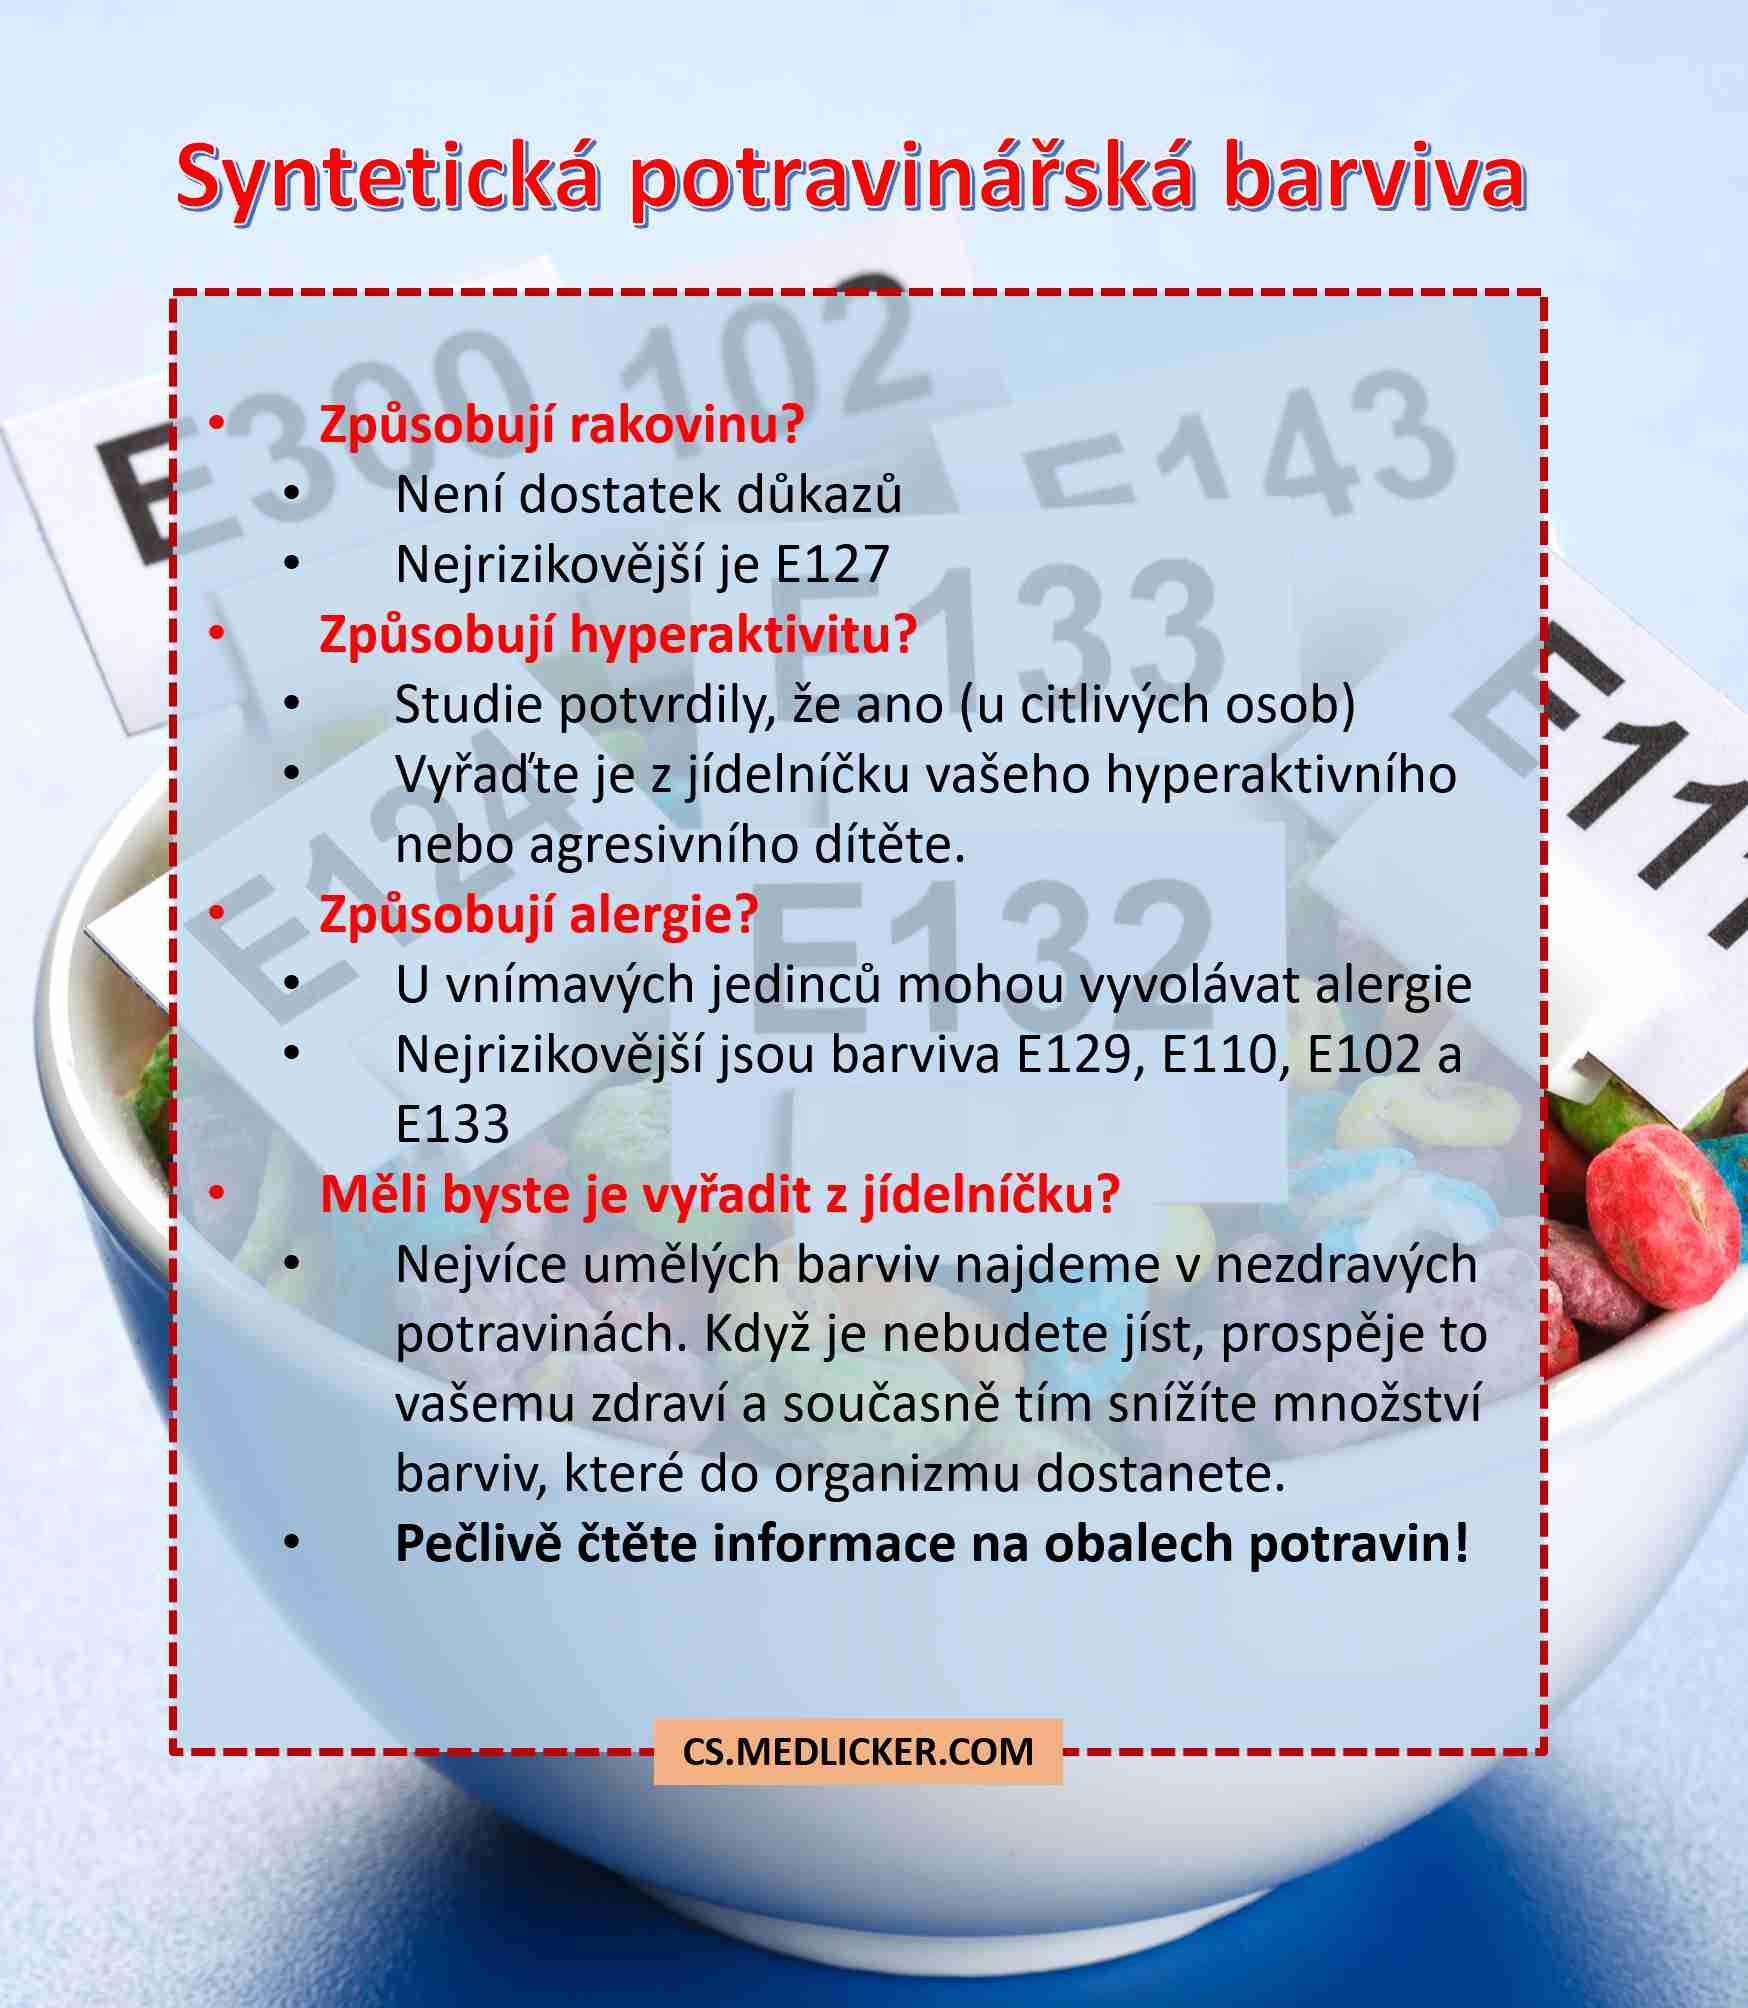 Syntetická potravinářská barviva - přehled rizik a prevence